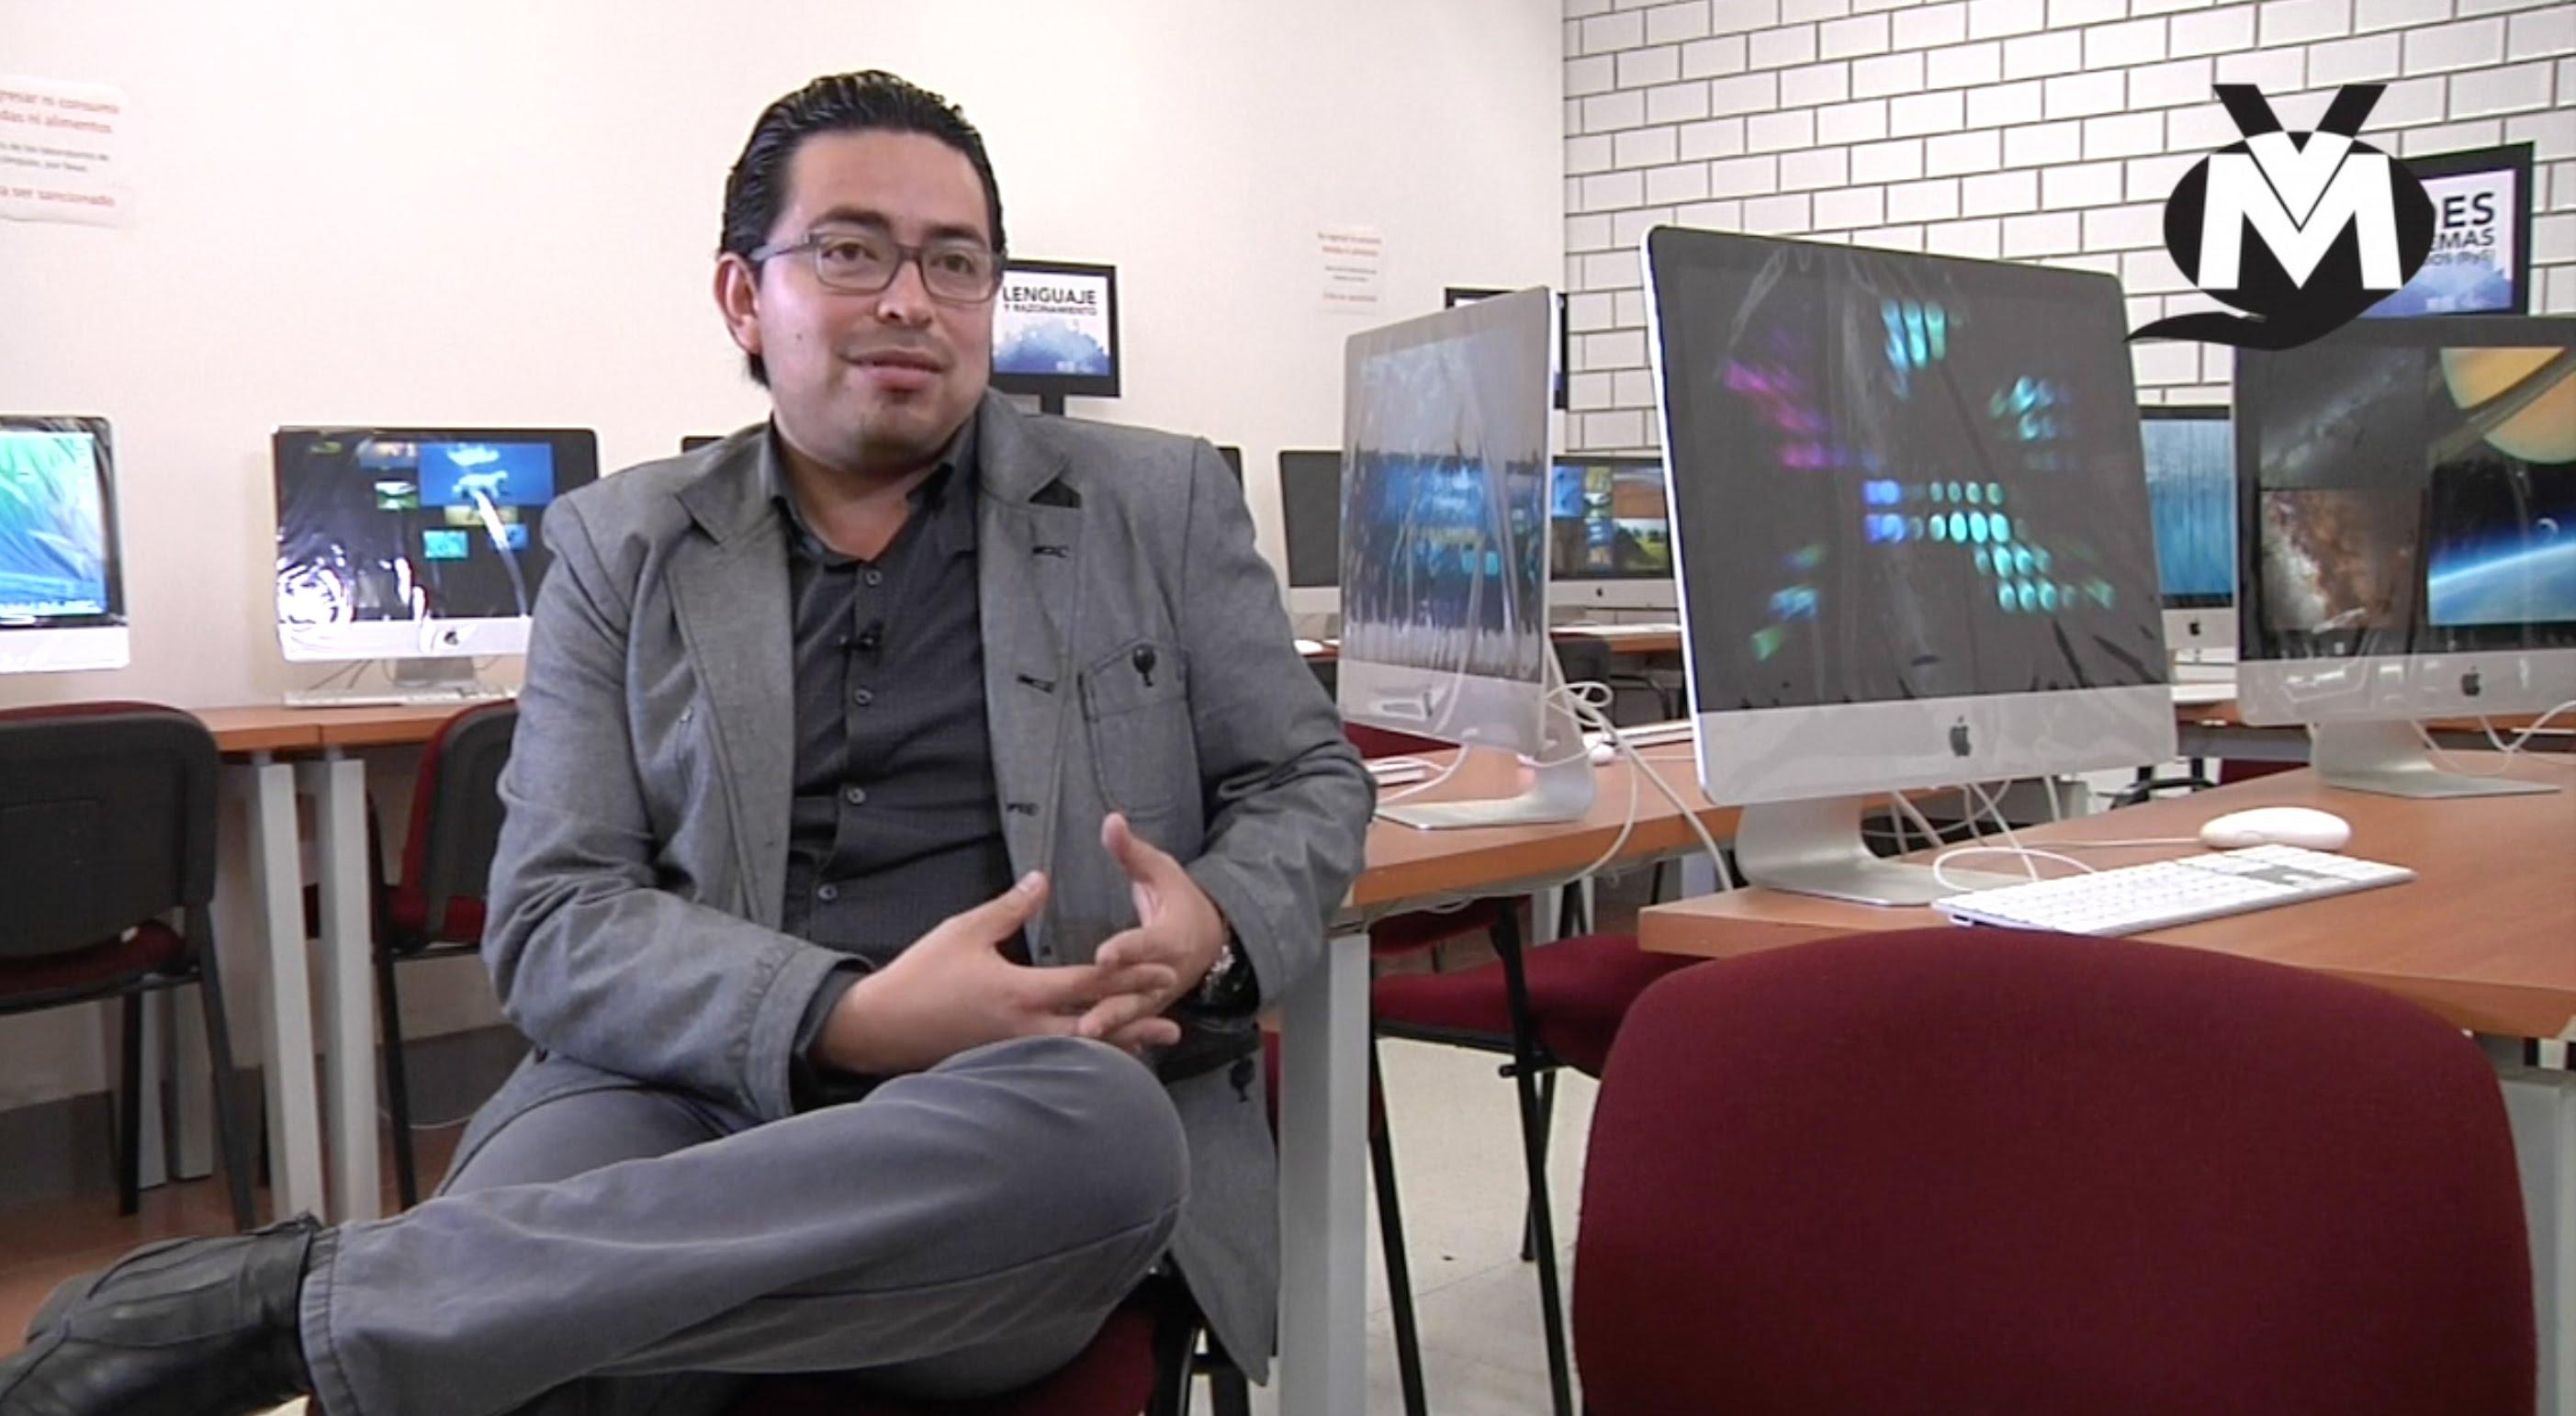 Lograr que las computadoras entiendan el lenguaje natural. Dr. Esaú Villatoro